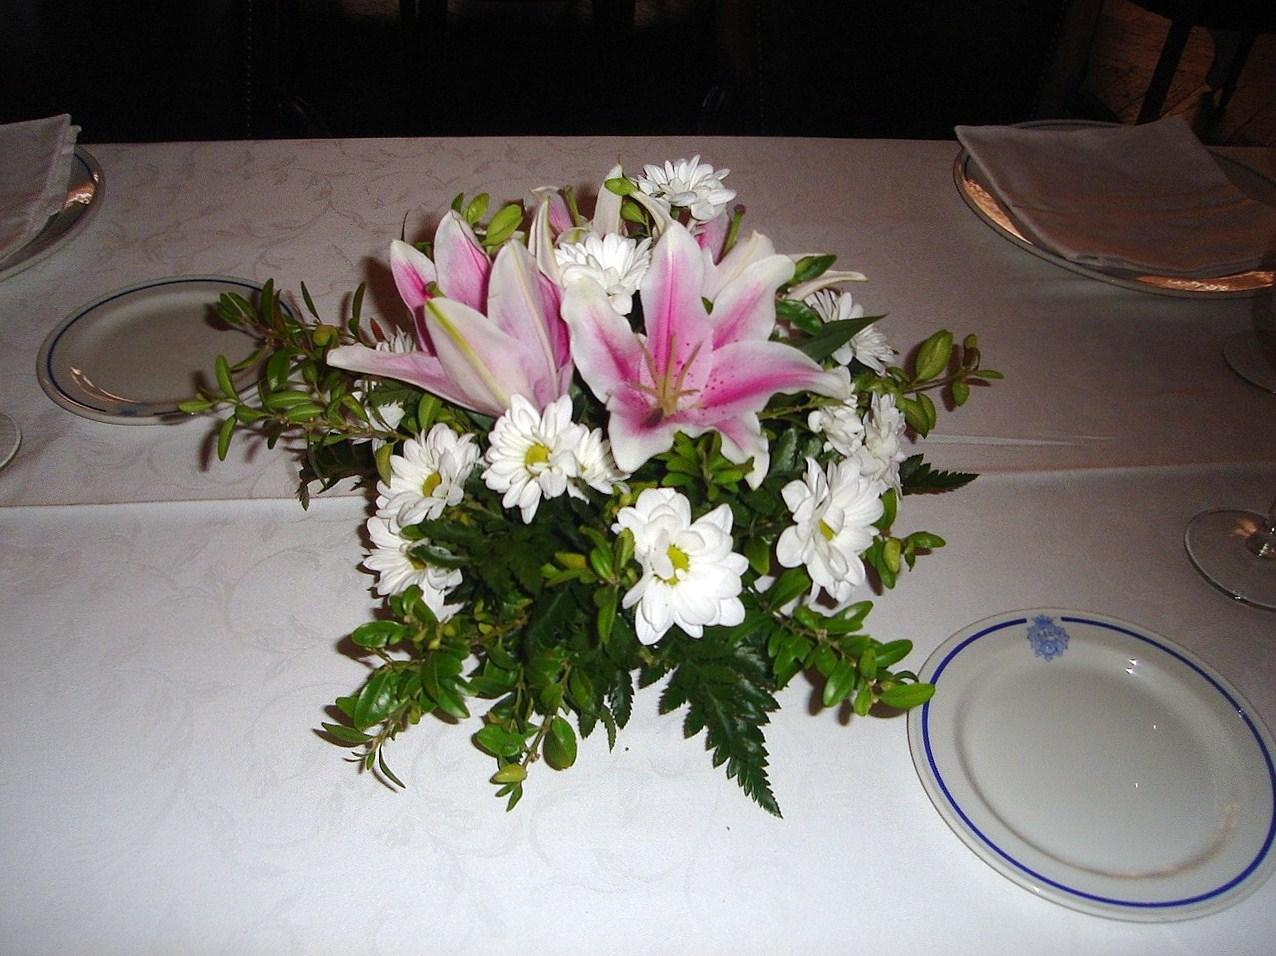 Flores Naturales Centro Para Mesa - Centros-de-mesa-de-flores-naturales